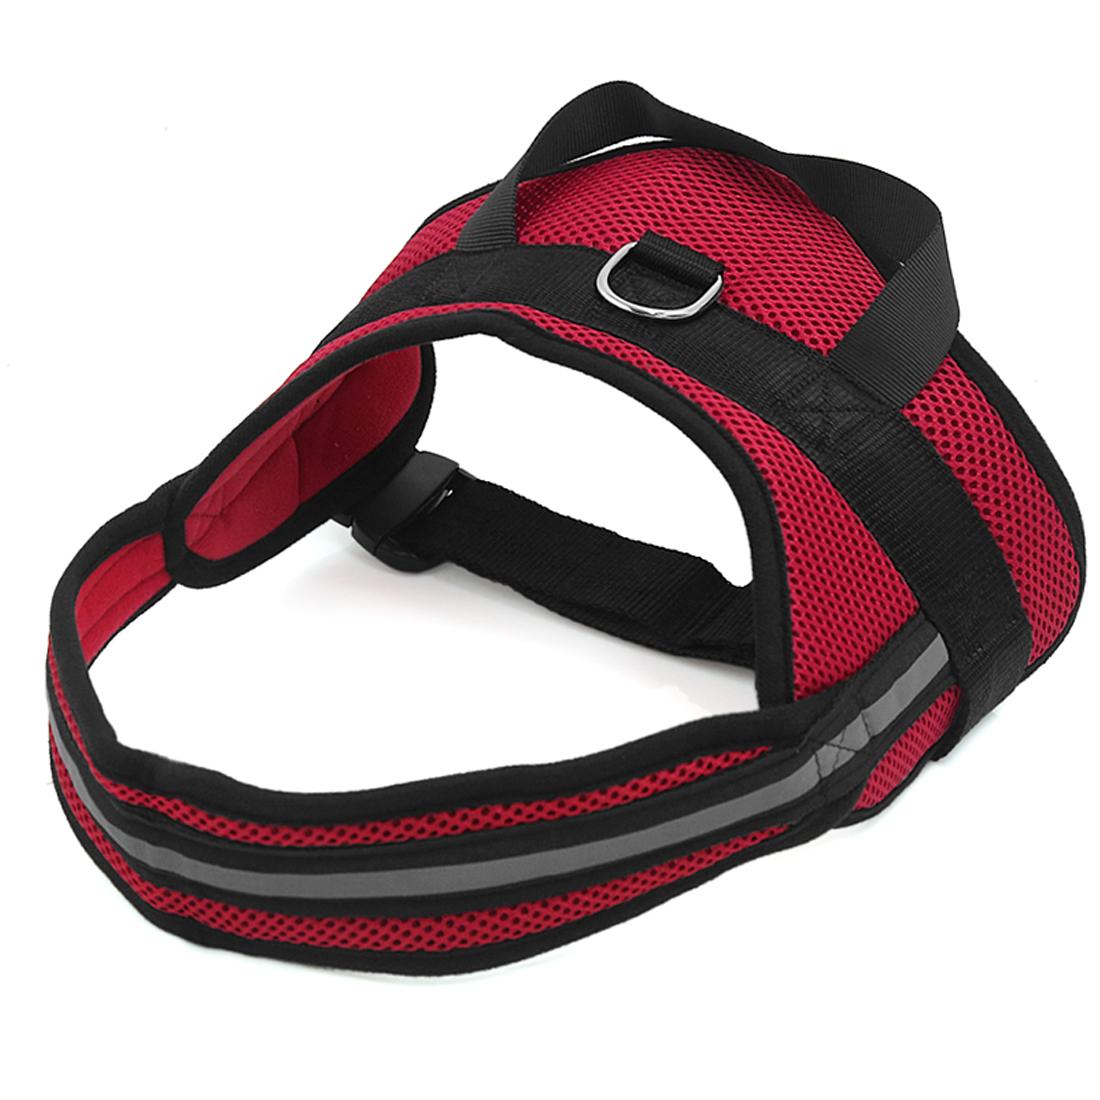 Big Dog Soft Mesh Reflective No Pull Harness Adjustable Large Pet Walk Vest Safe Control Collar Red L